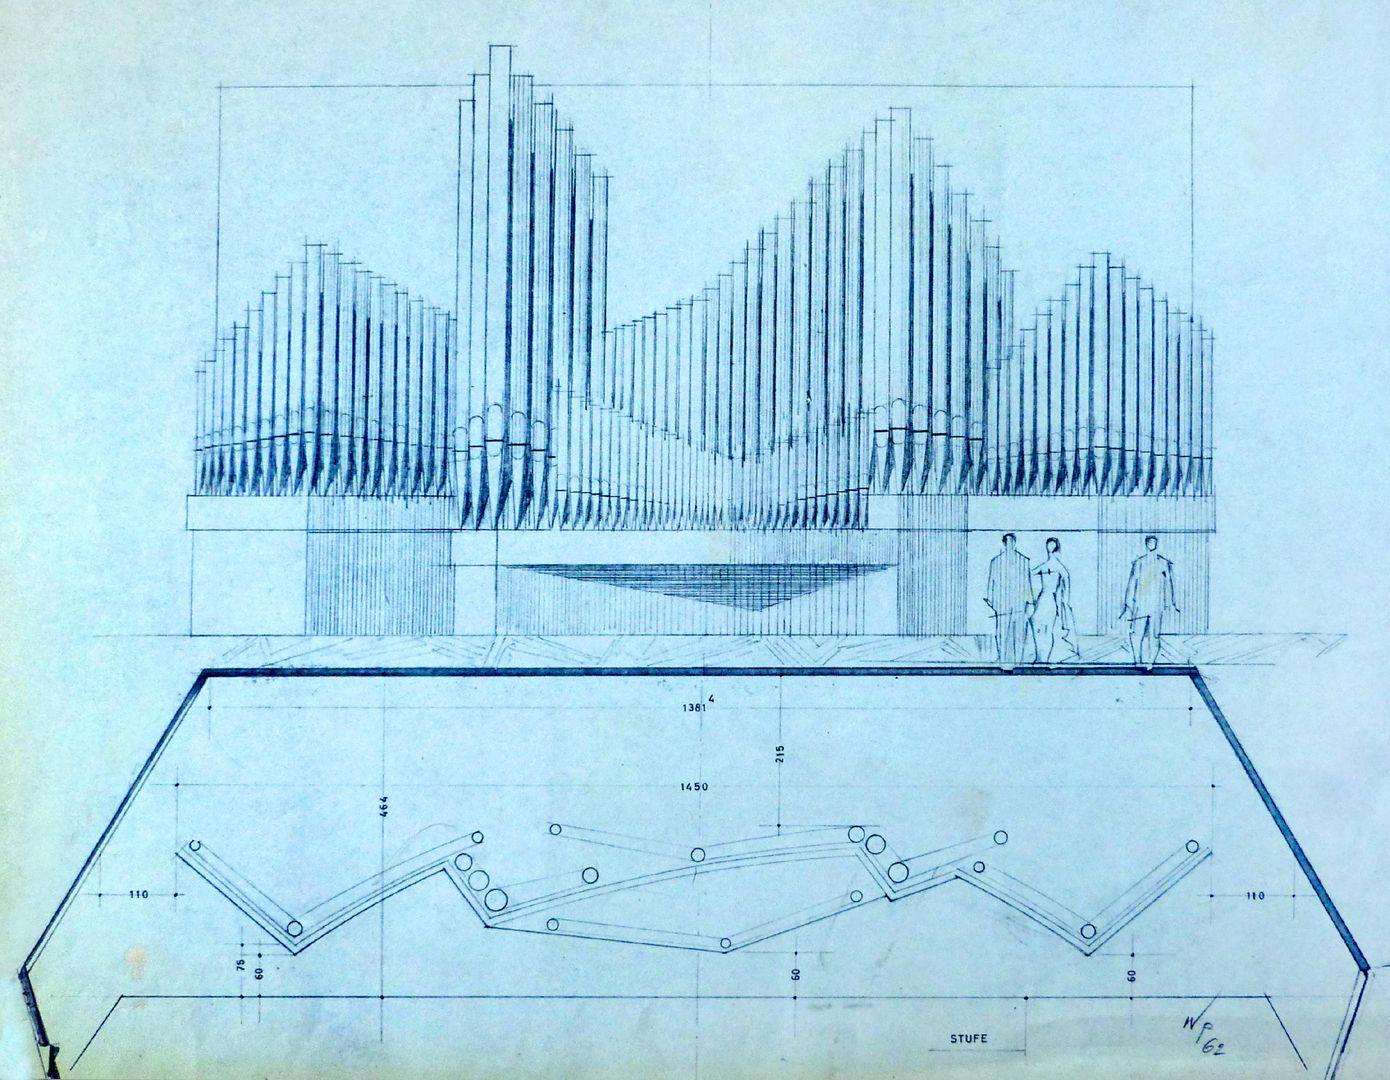 Orgelprospekt in der Meistersingerhalle Nürnberg Orgelprospekt und Grundriss